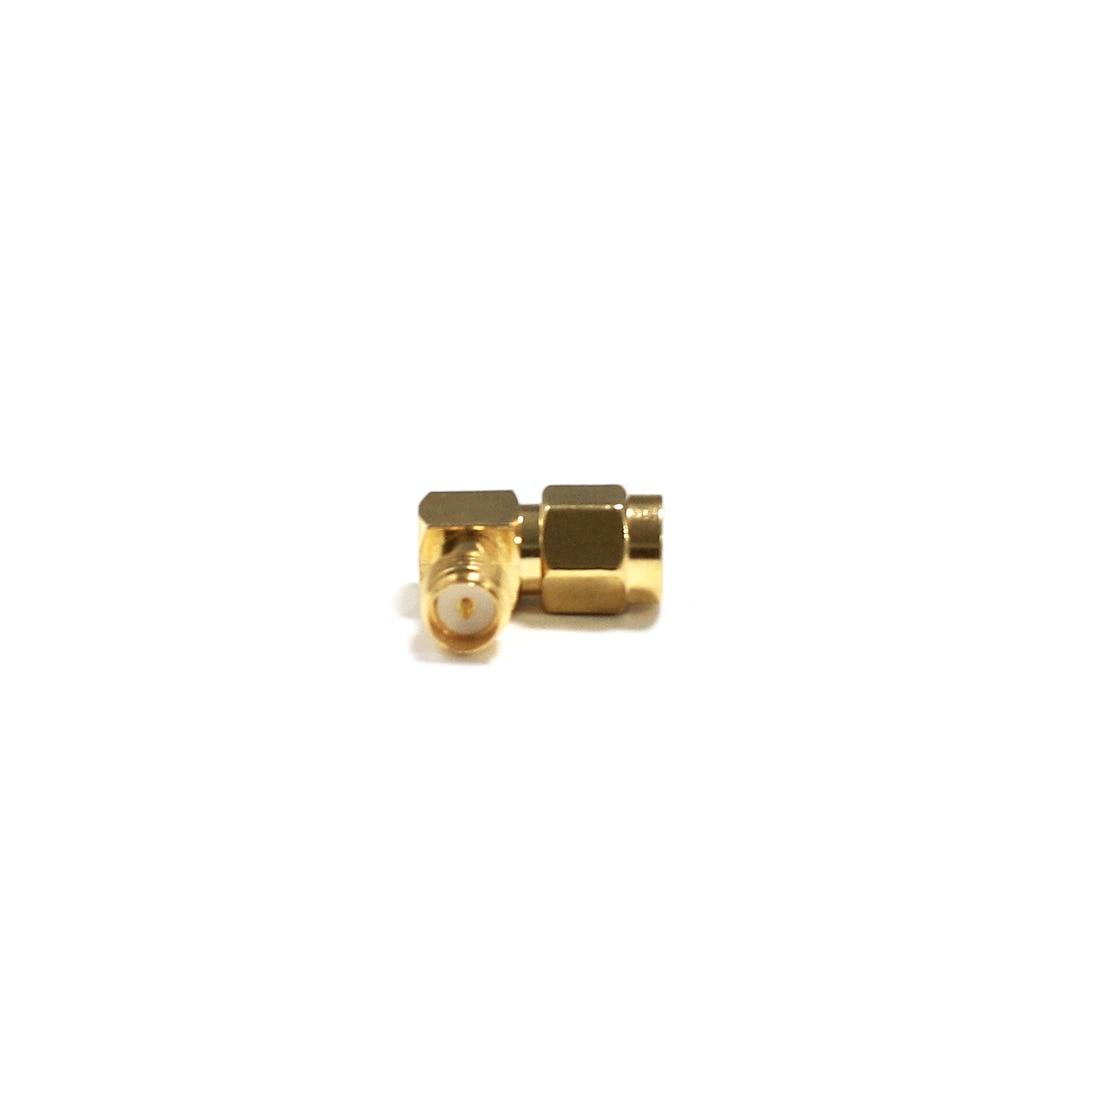 1 шт. SMA штекер для RP SMA женский разъем RF коаксиальный адаптер модем конвертер прямоугольный позолоченный оптовая продажа